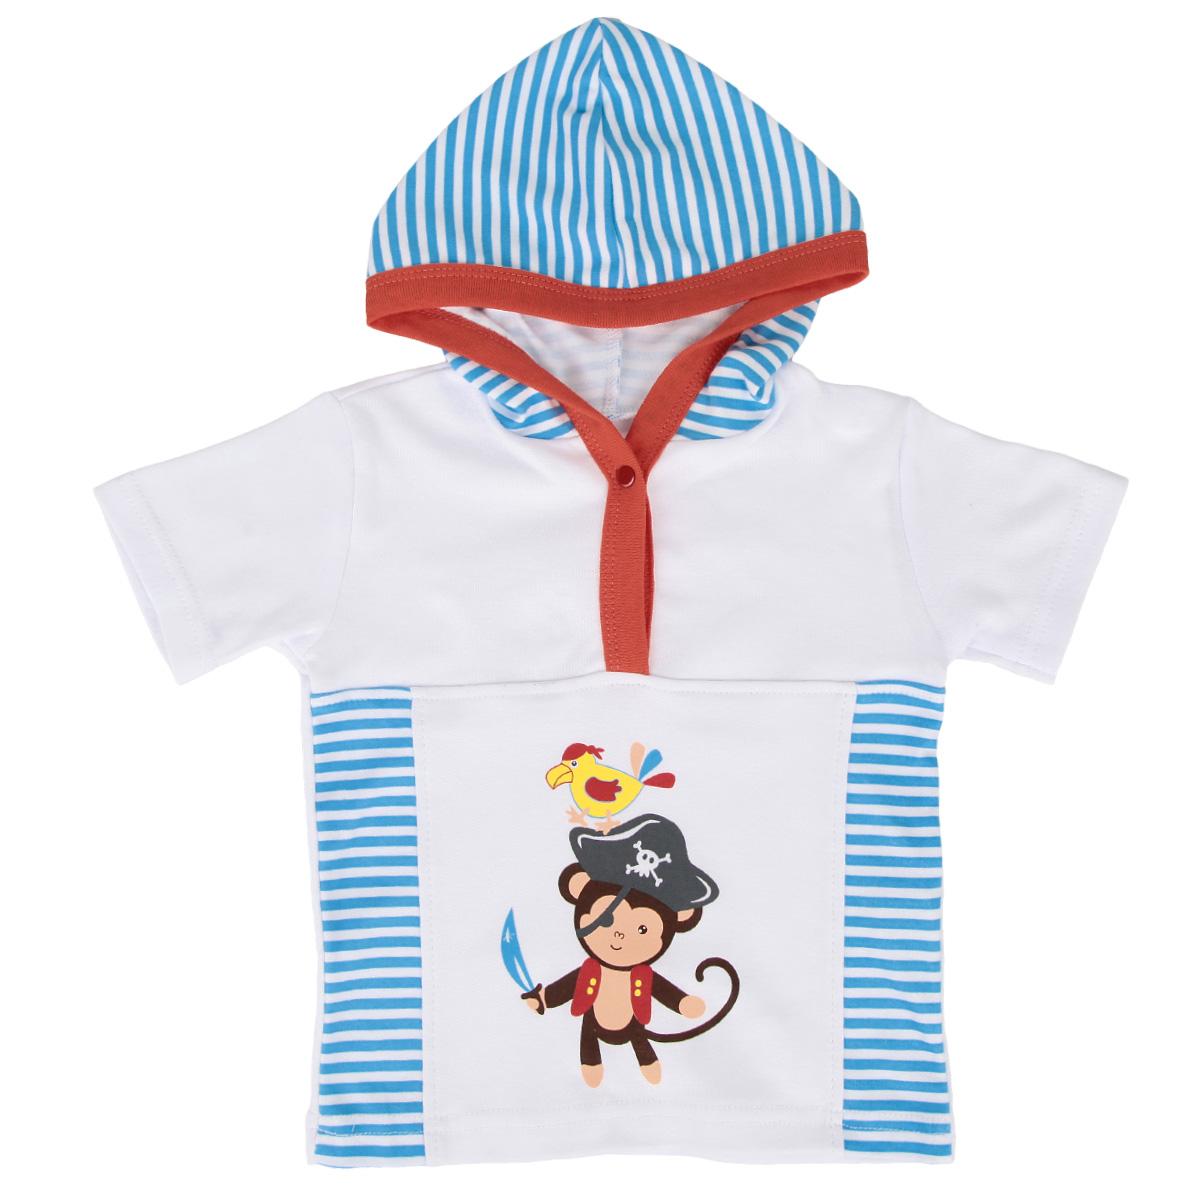 Футболка для мальчика КотМарКот, цвет: белый, голубой, морковный. 3762. Размер 86, 12 месяцев3762Очаровательная футболка для мальчика КотМарКот послужит идеальным дополнением к гардеробу вашего малыша, обеспечивая ему наибольший комфорт. Изготовленная из натурального хлопка - интерлока, она необычайно мягкая и легкая, не раздражает нежную кожу ребенка и хорошо вентилируется, а эластичные швы приятны телу младенца и не препятствуют его движениям. Футболка с короткими рукавами и капюшоном на груди застегивается на металлическую застежку-кнопку. Окантовка капюшона и планка дополнены контрастной трикотажной бейкой. Оформлено изделие принтом в полоску, а также принтом с изображением обезьянки-пирата.Футболка полностью соответствует особенностям жизни малыша в ранний период, не стесняя и не ограничивая его в движениях.